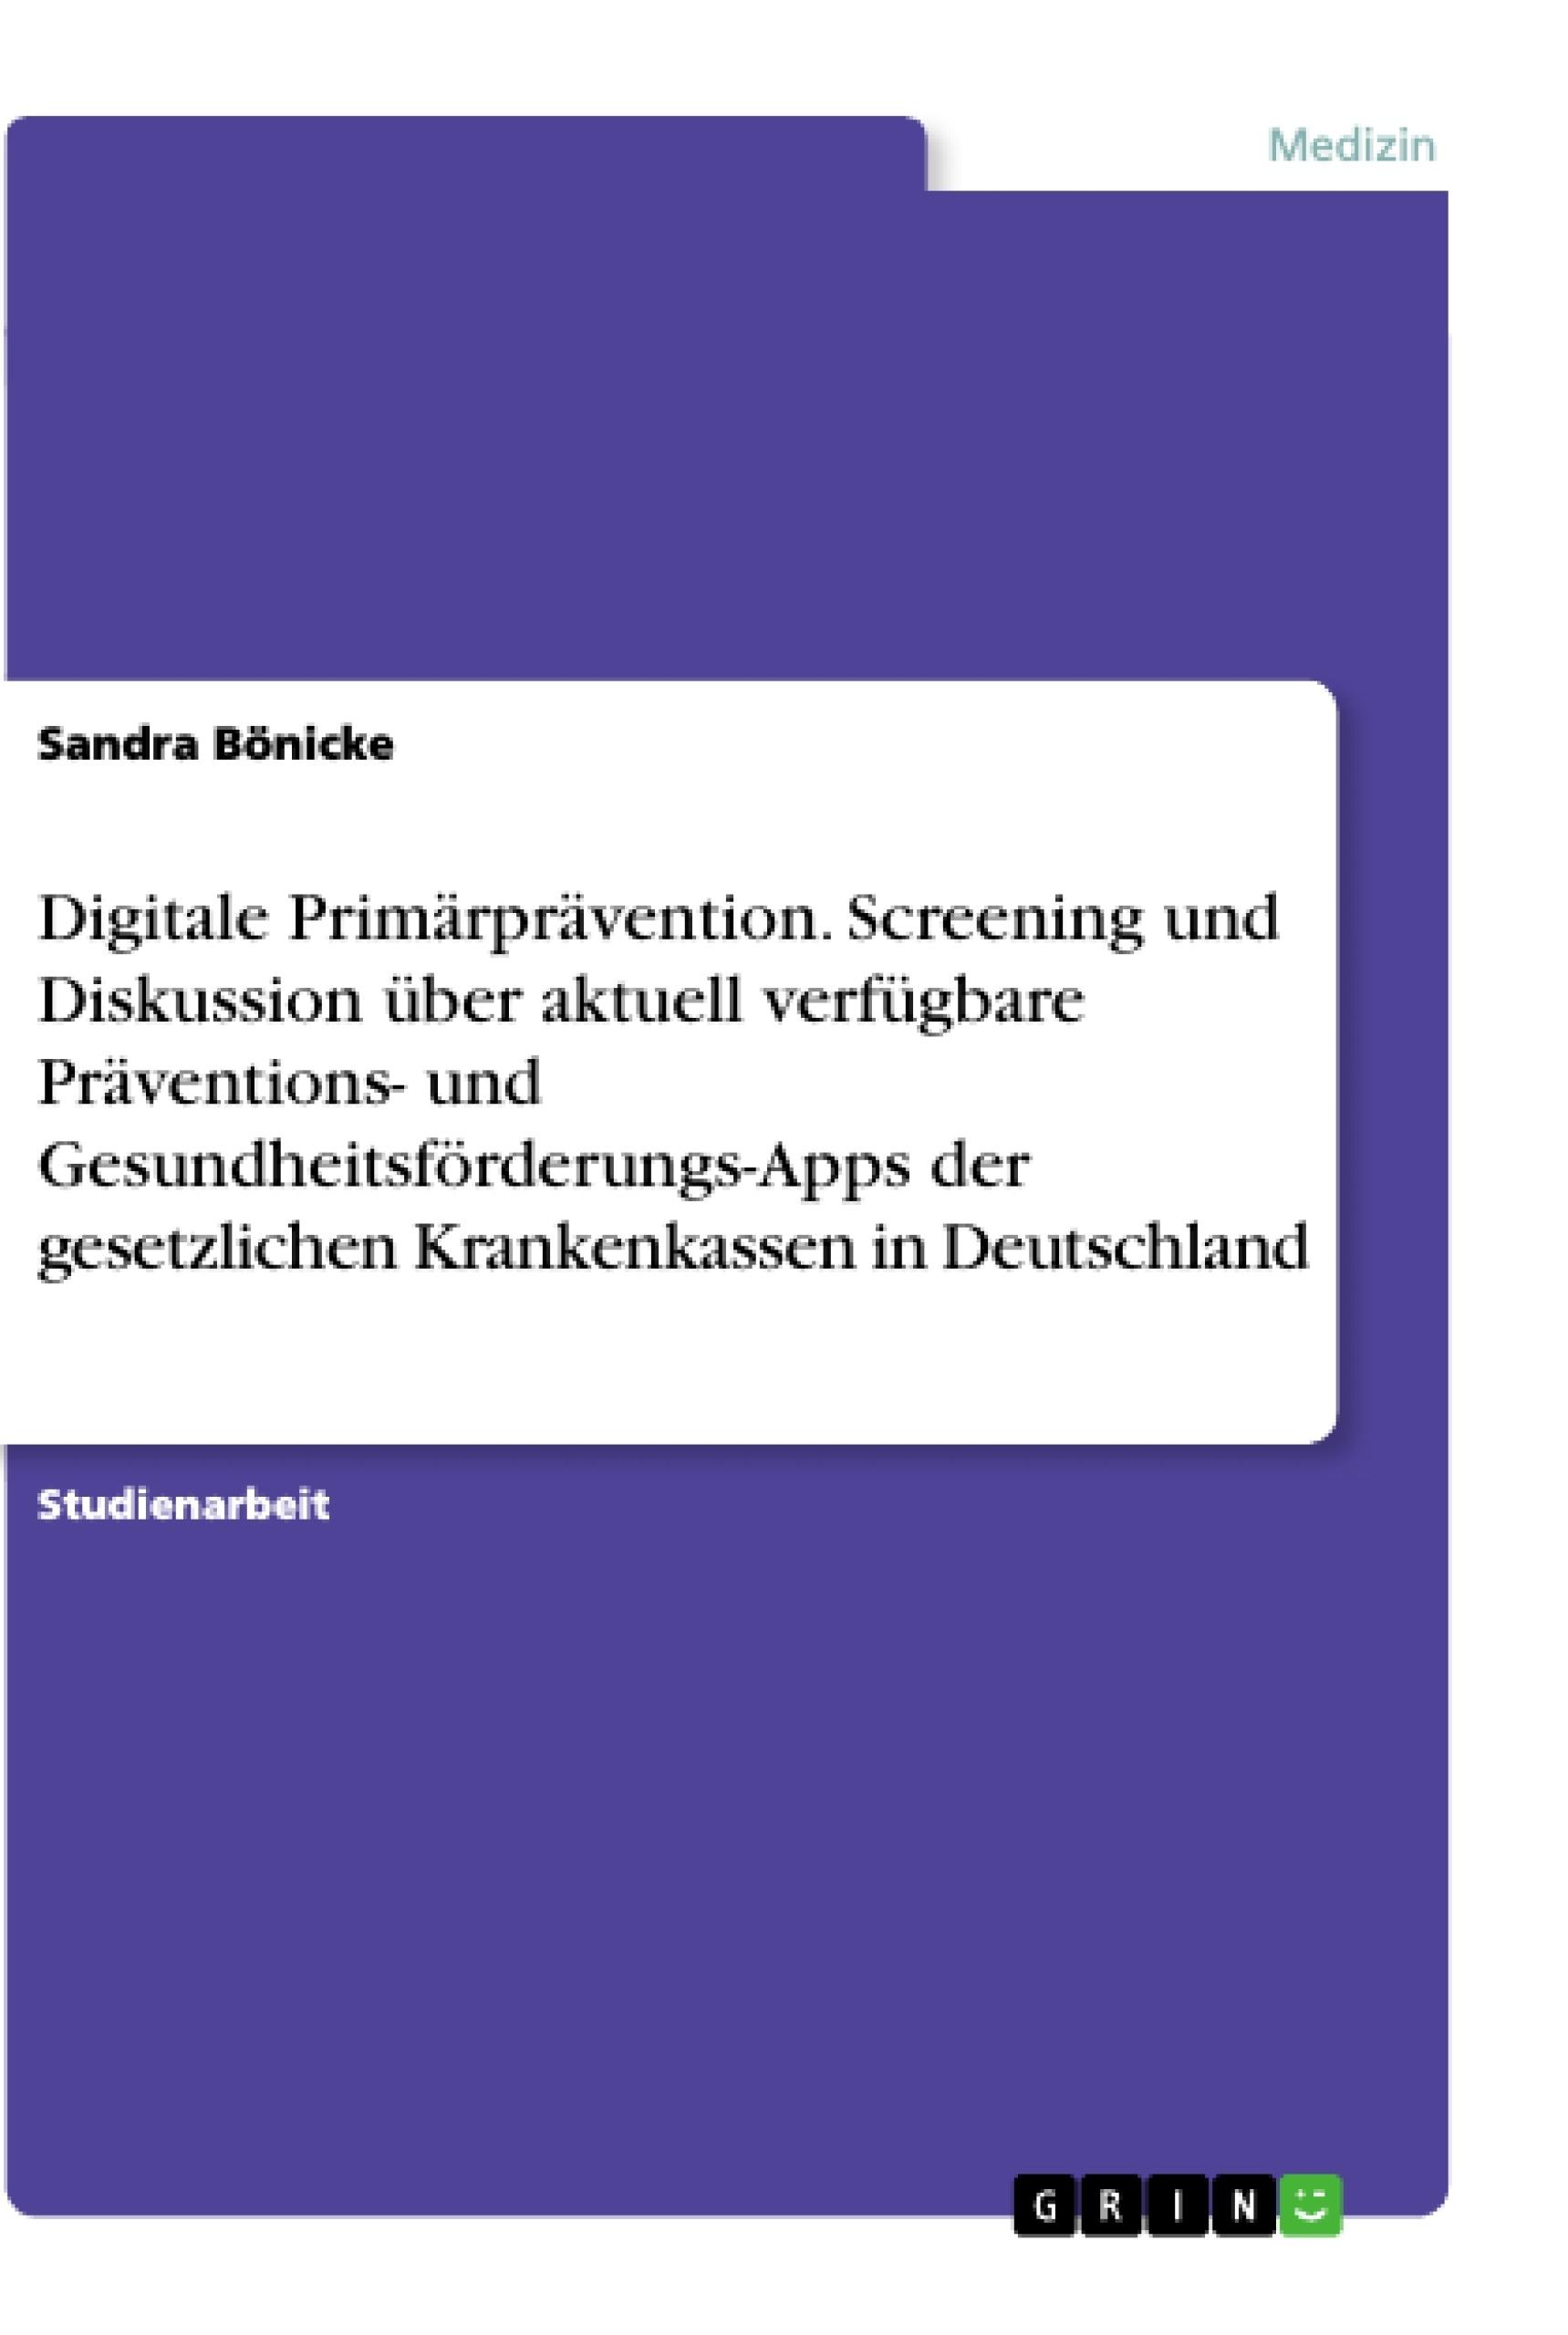 Titel: Digitale Primärprävention. Screening und Diskussion über aktuell verfügbare Präventions- und Gesundheitsförderungs-Apps der gesetzlichen Krankenkassen in Deutschland